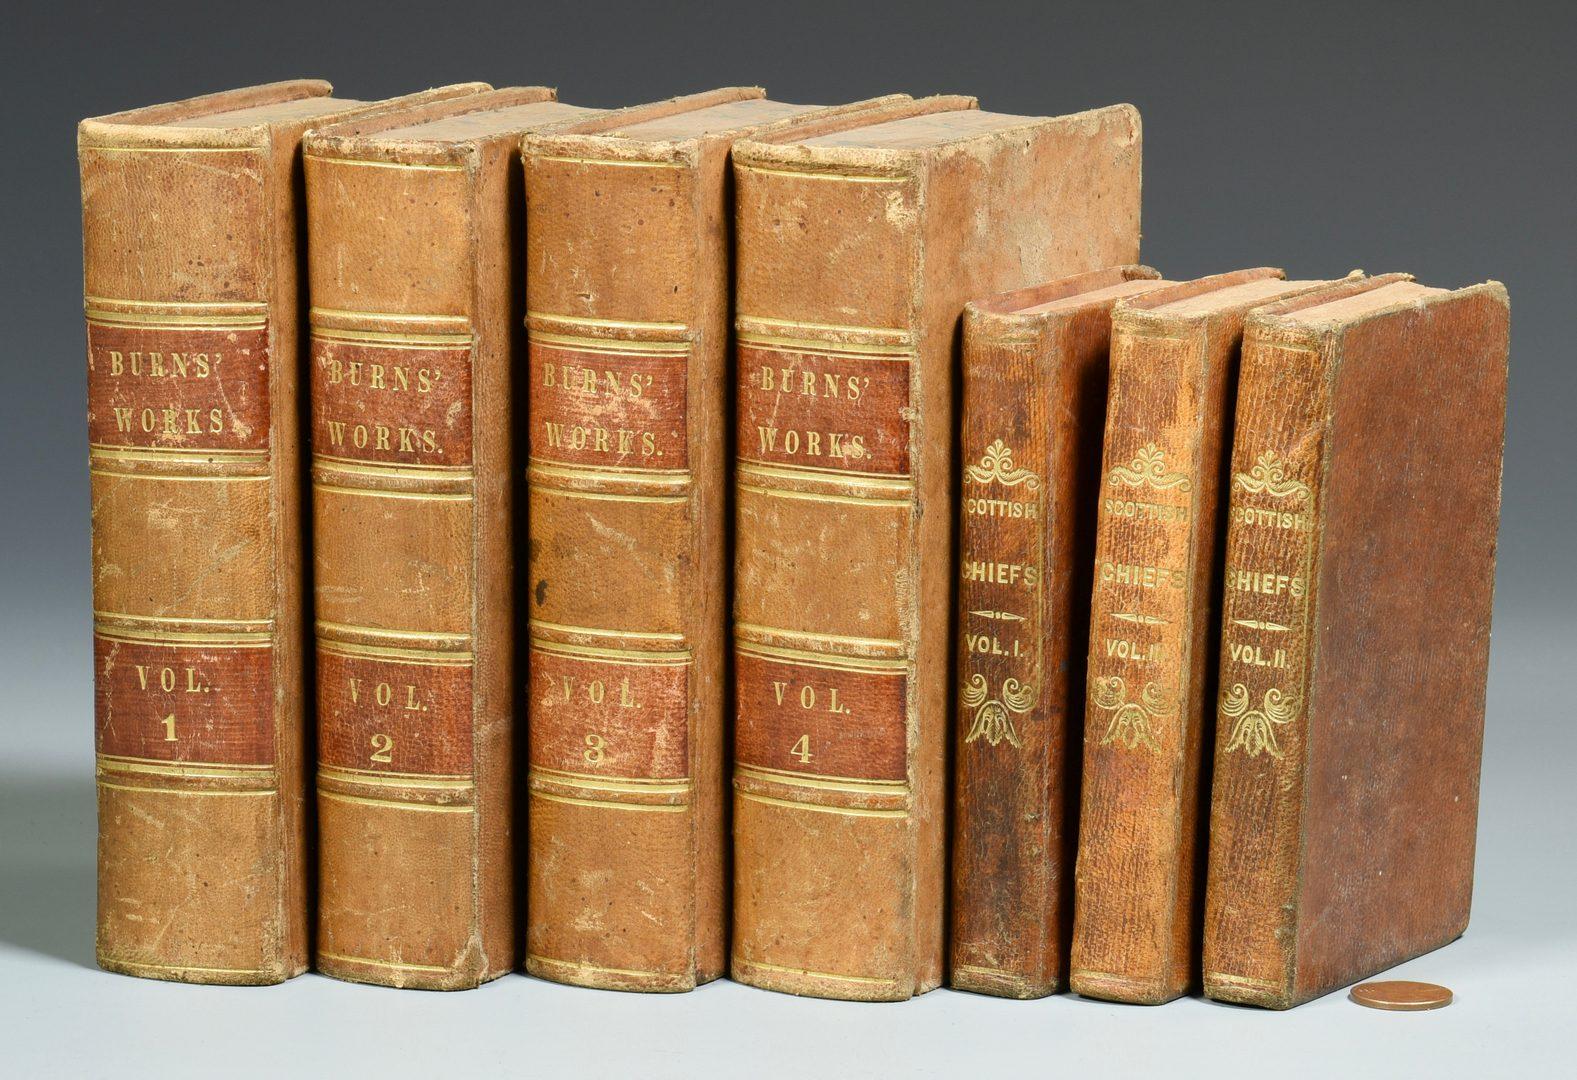 Lot 729: 1834 Works of Robert Burns, Allan Cunningham